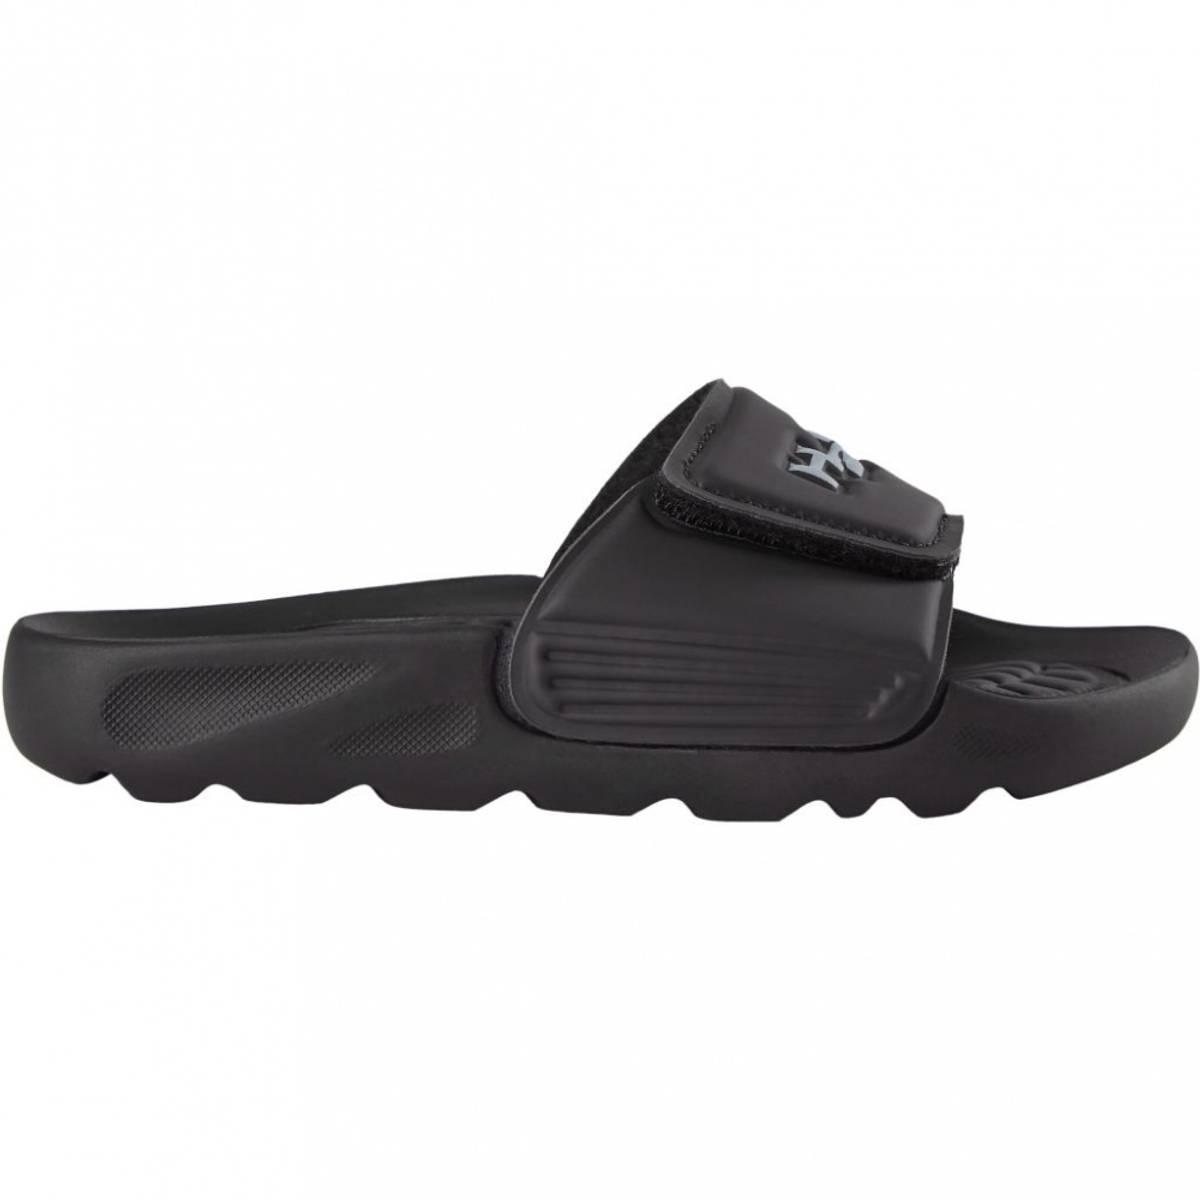 Sort H2O Junior Adjustable Bathshoe Slippers